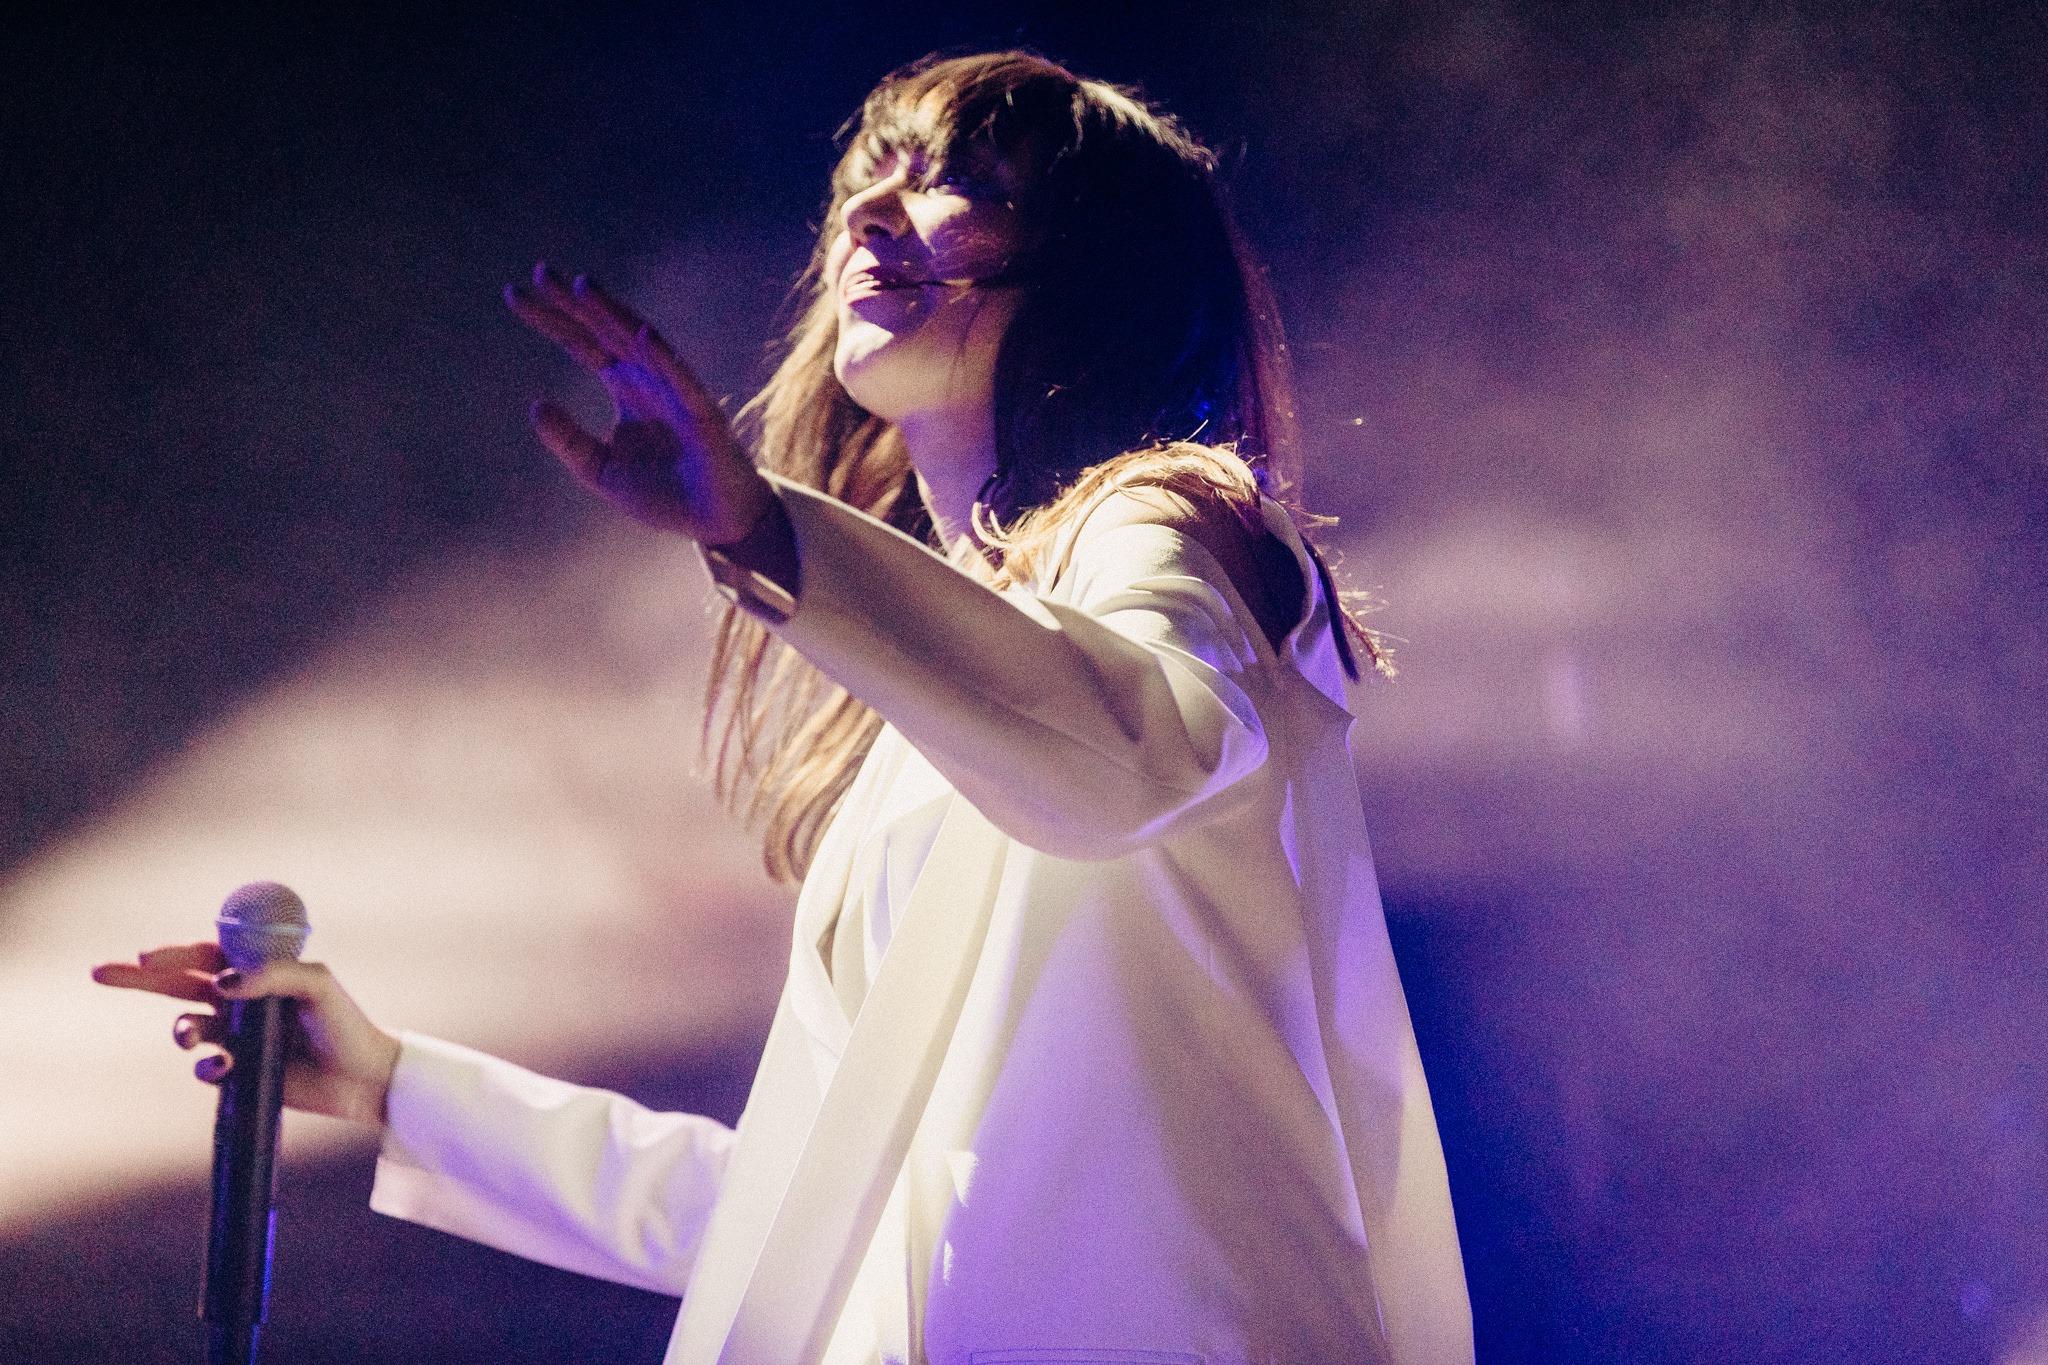 Zdjecie przedstawia koncert widzimy fioletowe swiatlo a na jego tle do polowy kobiete brunetke ubrana w biala marynarke ma dlugie wlosy